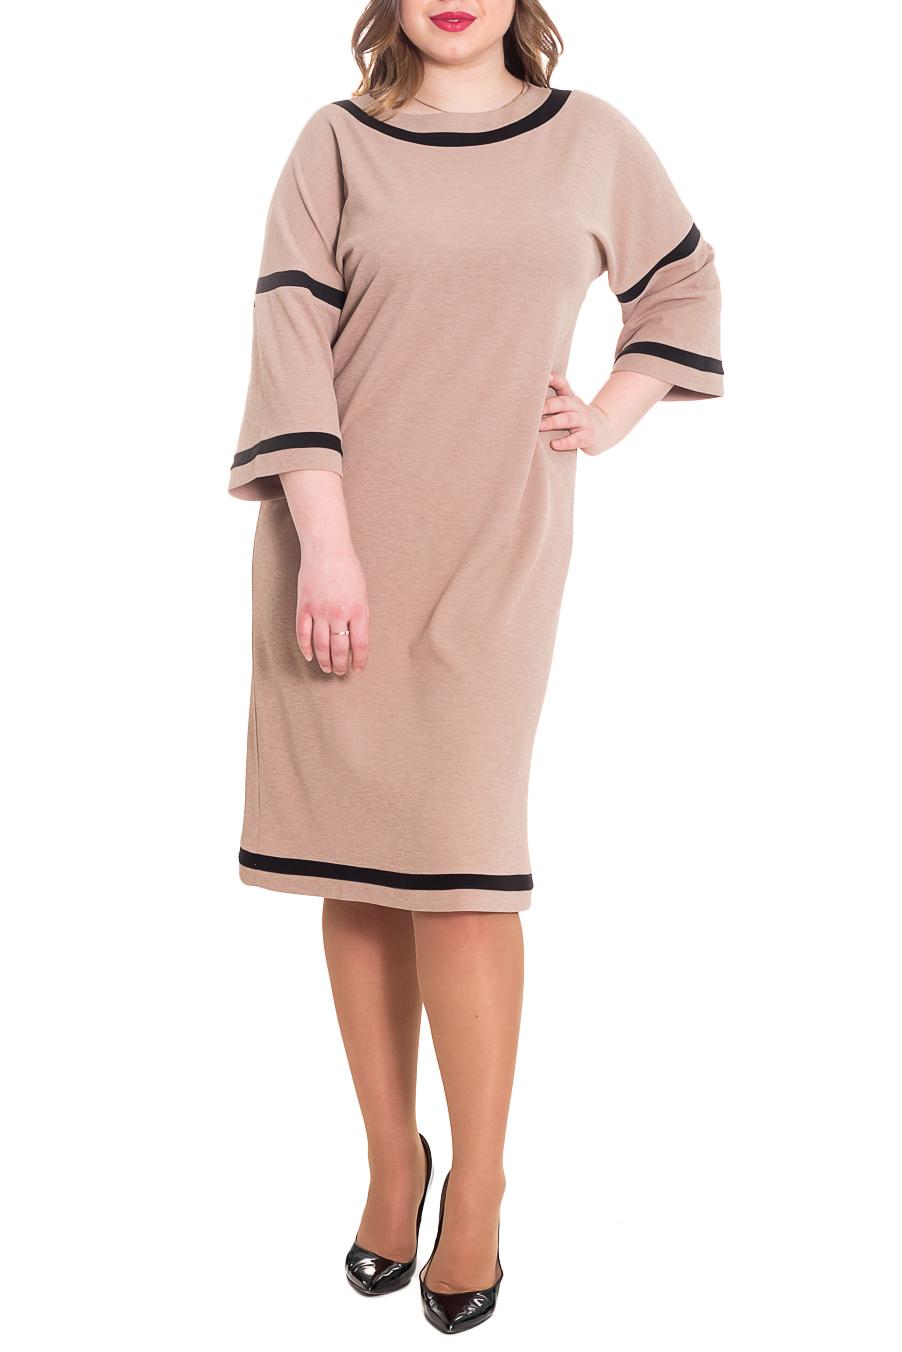 ПлатьеПлатья<br>Классика и элегантность - это залог успеха для создания Вашего повседневного образа. Дополните это стильное платье модными аксессуарами и завершите образ успешной женщины  Платье прямого силуэта со вставками контрастного цвета. На спинке средний шов. Горловина обработана двойной обтачкой. Рукав цельнокроенный, 3/4.  Цвет: бежевый, черный.  Длина рукава (от конечной плечевой точки) - 43 ± 1 см  Рост девушки-фотомодели 170 см  Длина изделия - 108 ± 2 см<br><br>Горловина: С- горловина<br>По длине: Ниже колена<br>По материалу: Трикотаж<br>По рисунку: Однотонные<br>По силуэту: Прямые<br>По стилю: Классический стиль,Офисный стиль,Повседневный стиль<br>По элементам: С декором<br>Рукав: Рукав три четверти<br>По сезону: Осень,Весна<br>Размер : 48<br>Материал: Трикотаж<br>Количество в наличии: 2